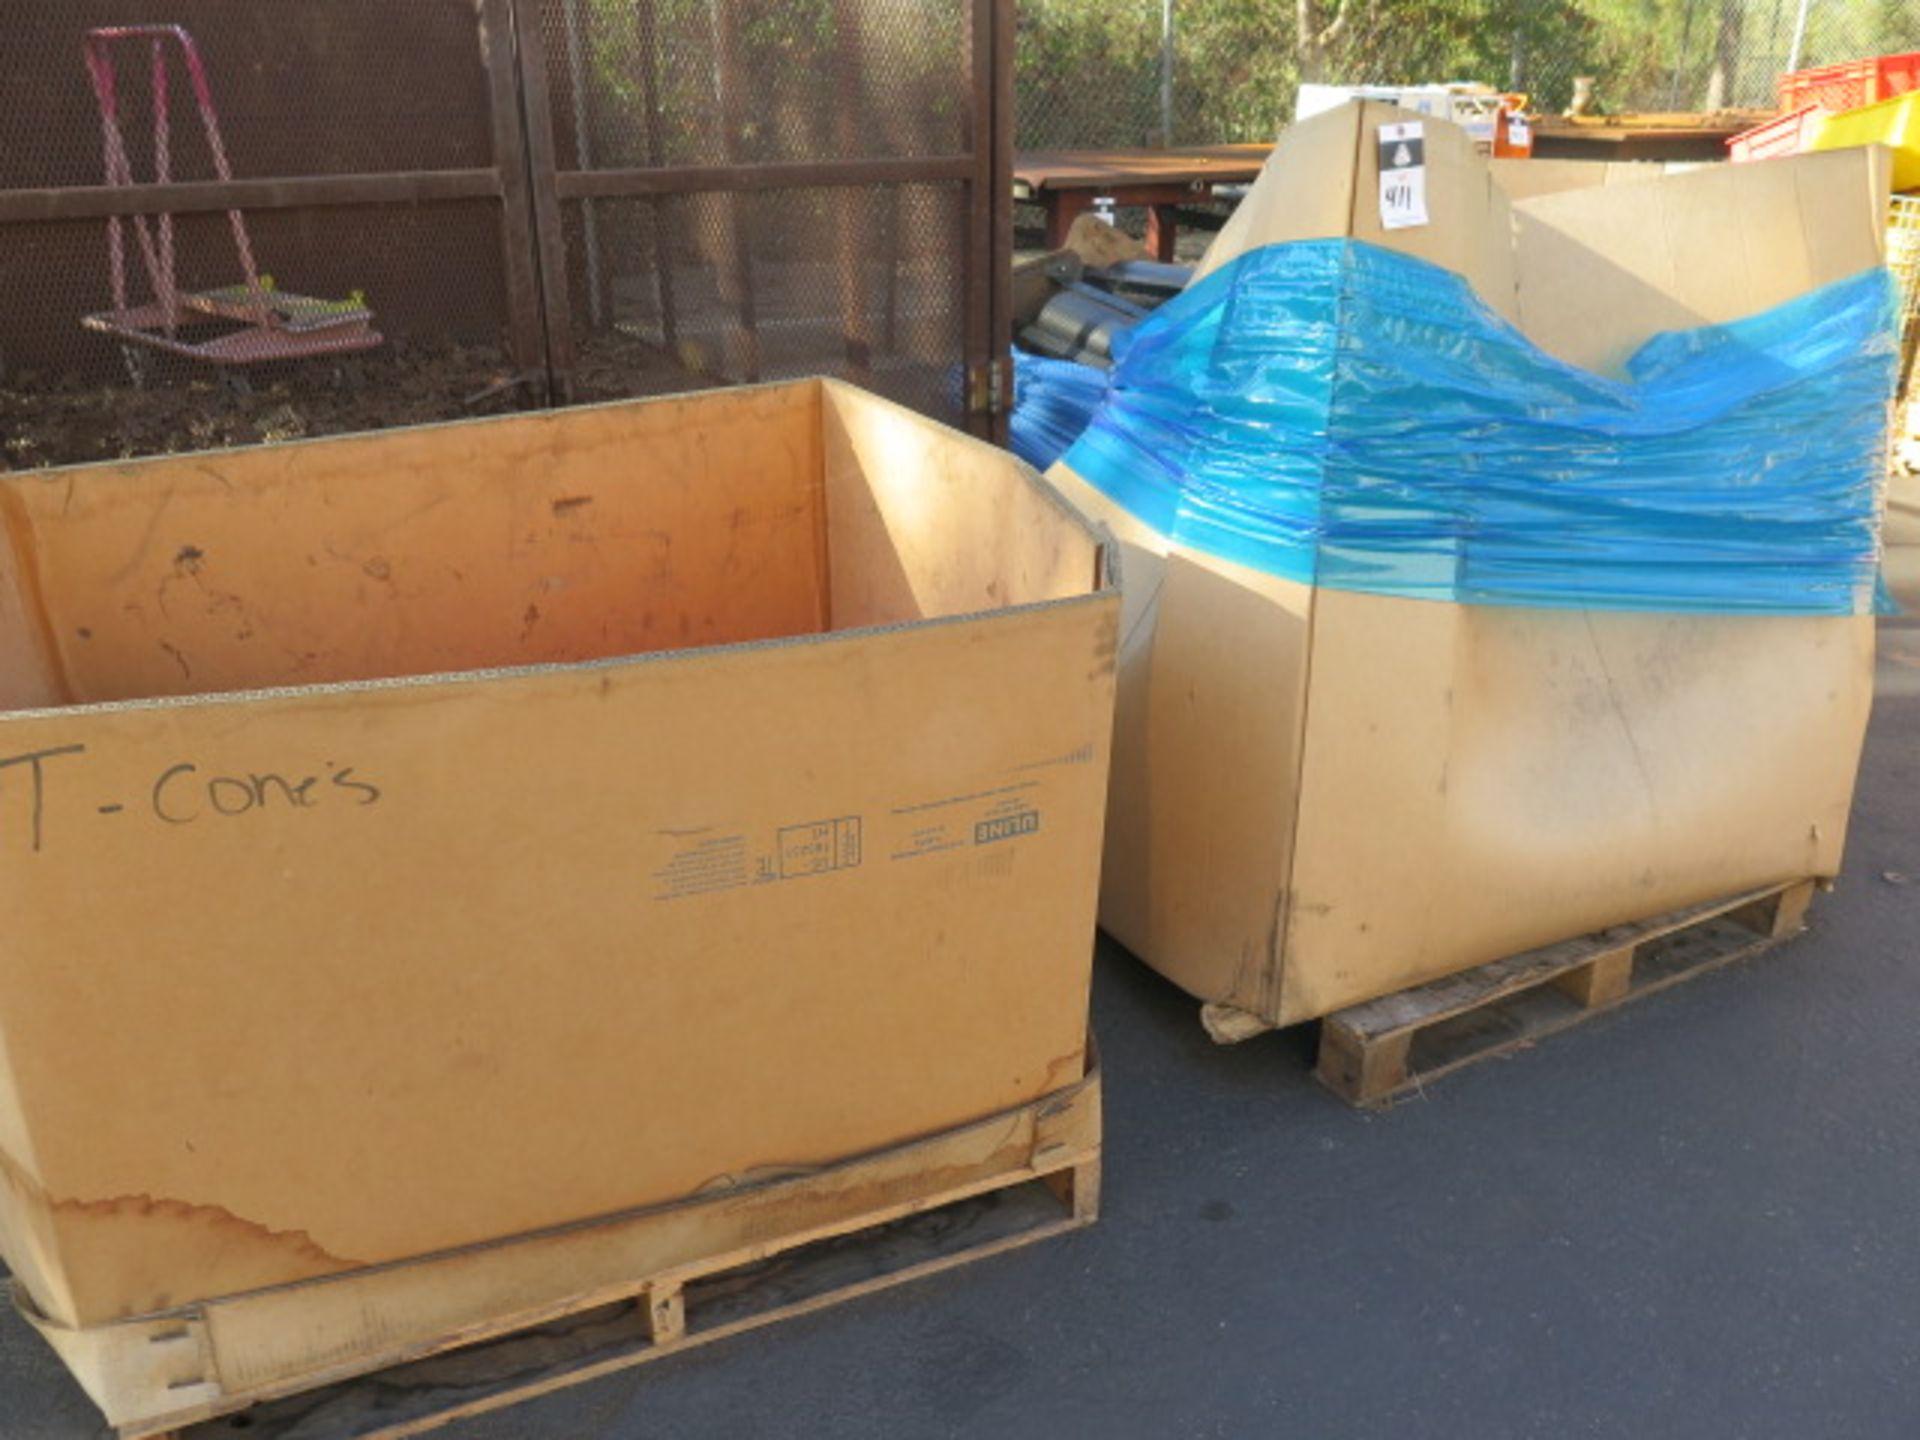 Safety Cones (2 Crates) (SOLD AS-IS - NO WARRANTY)